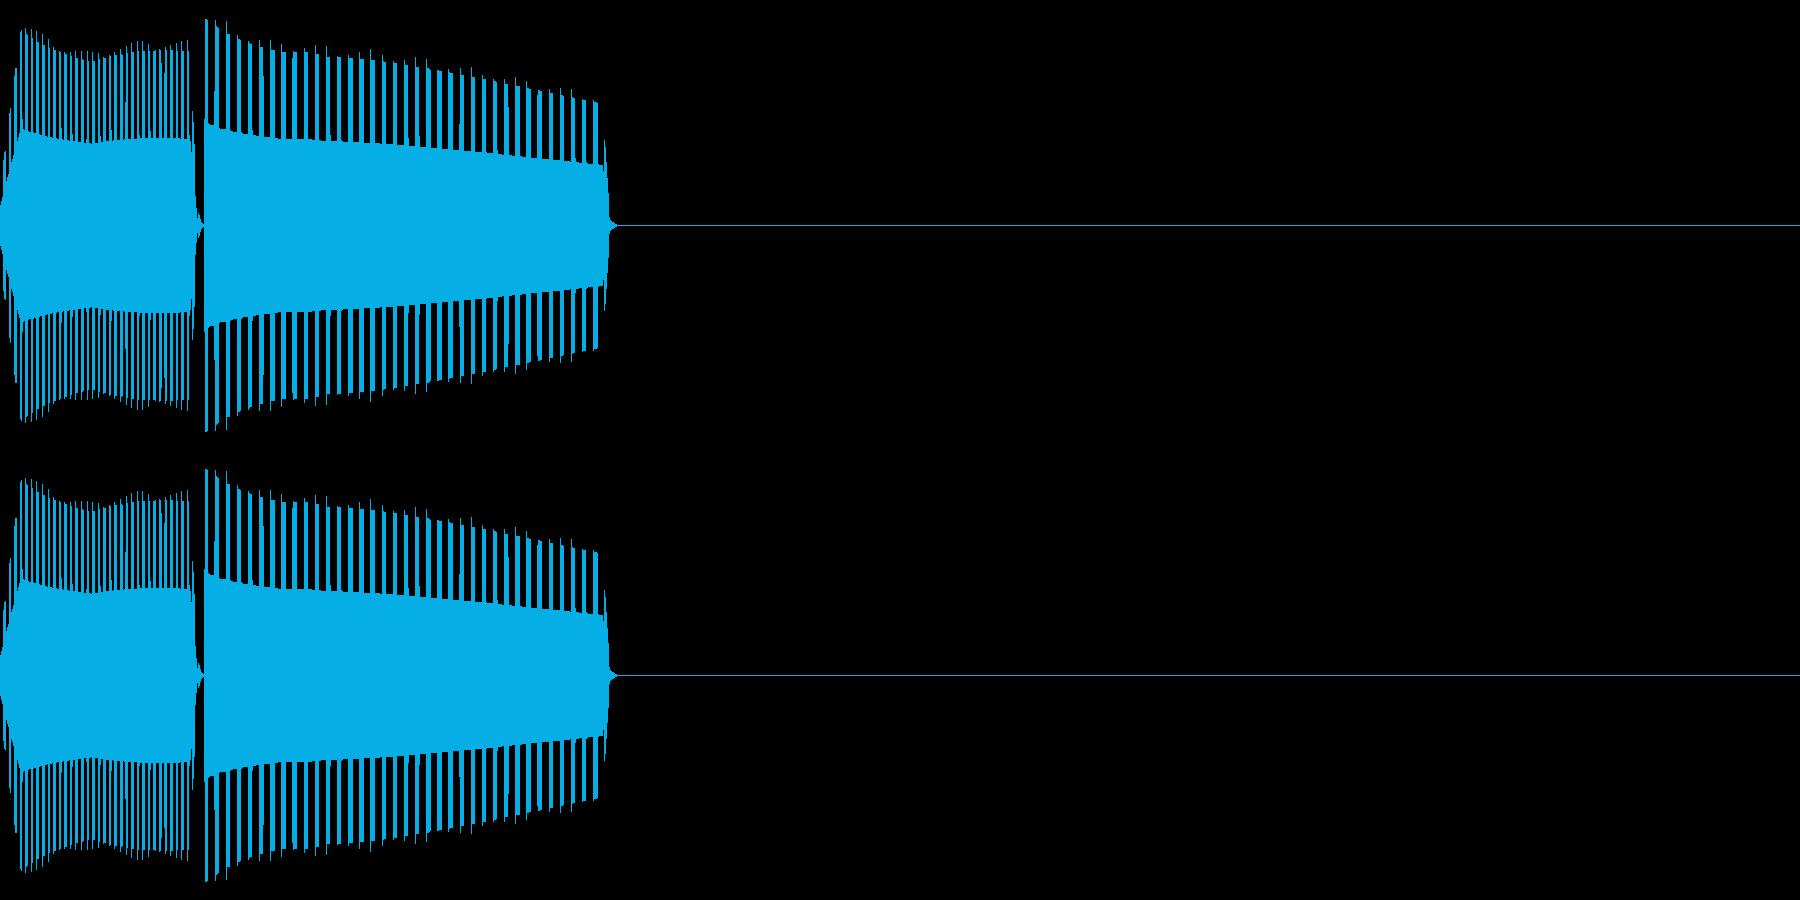 ボタン・カーソル・操作音 「ピロッ」の再生済みの波形